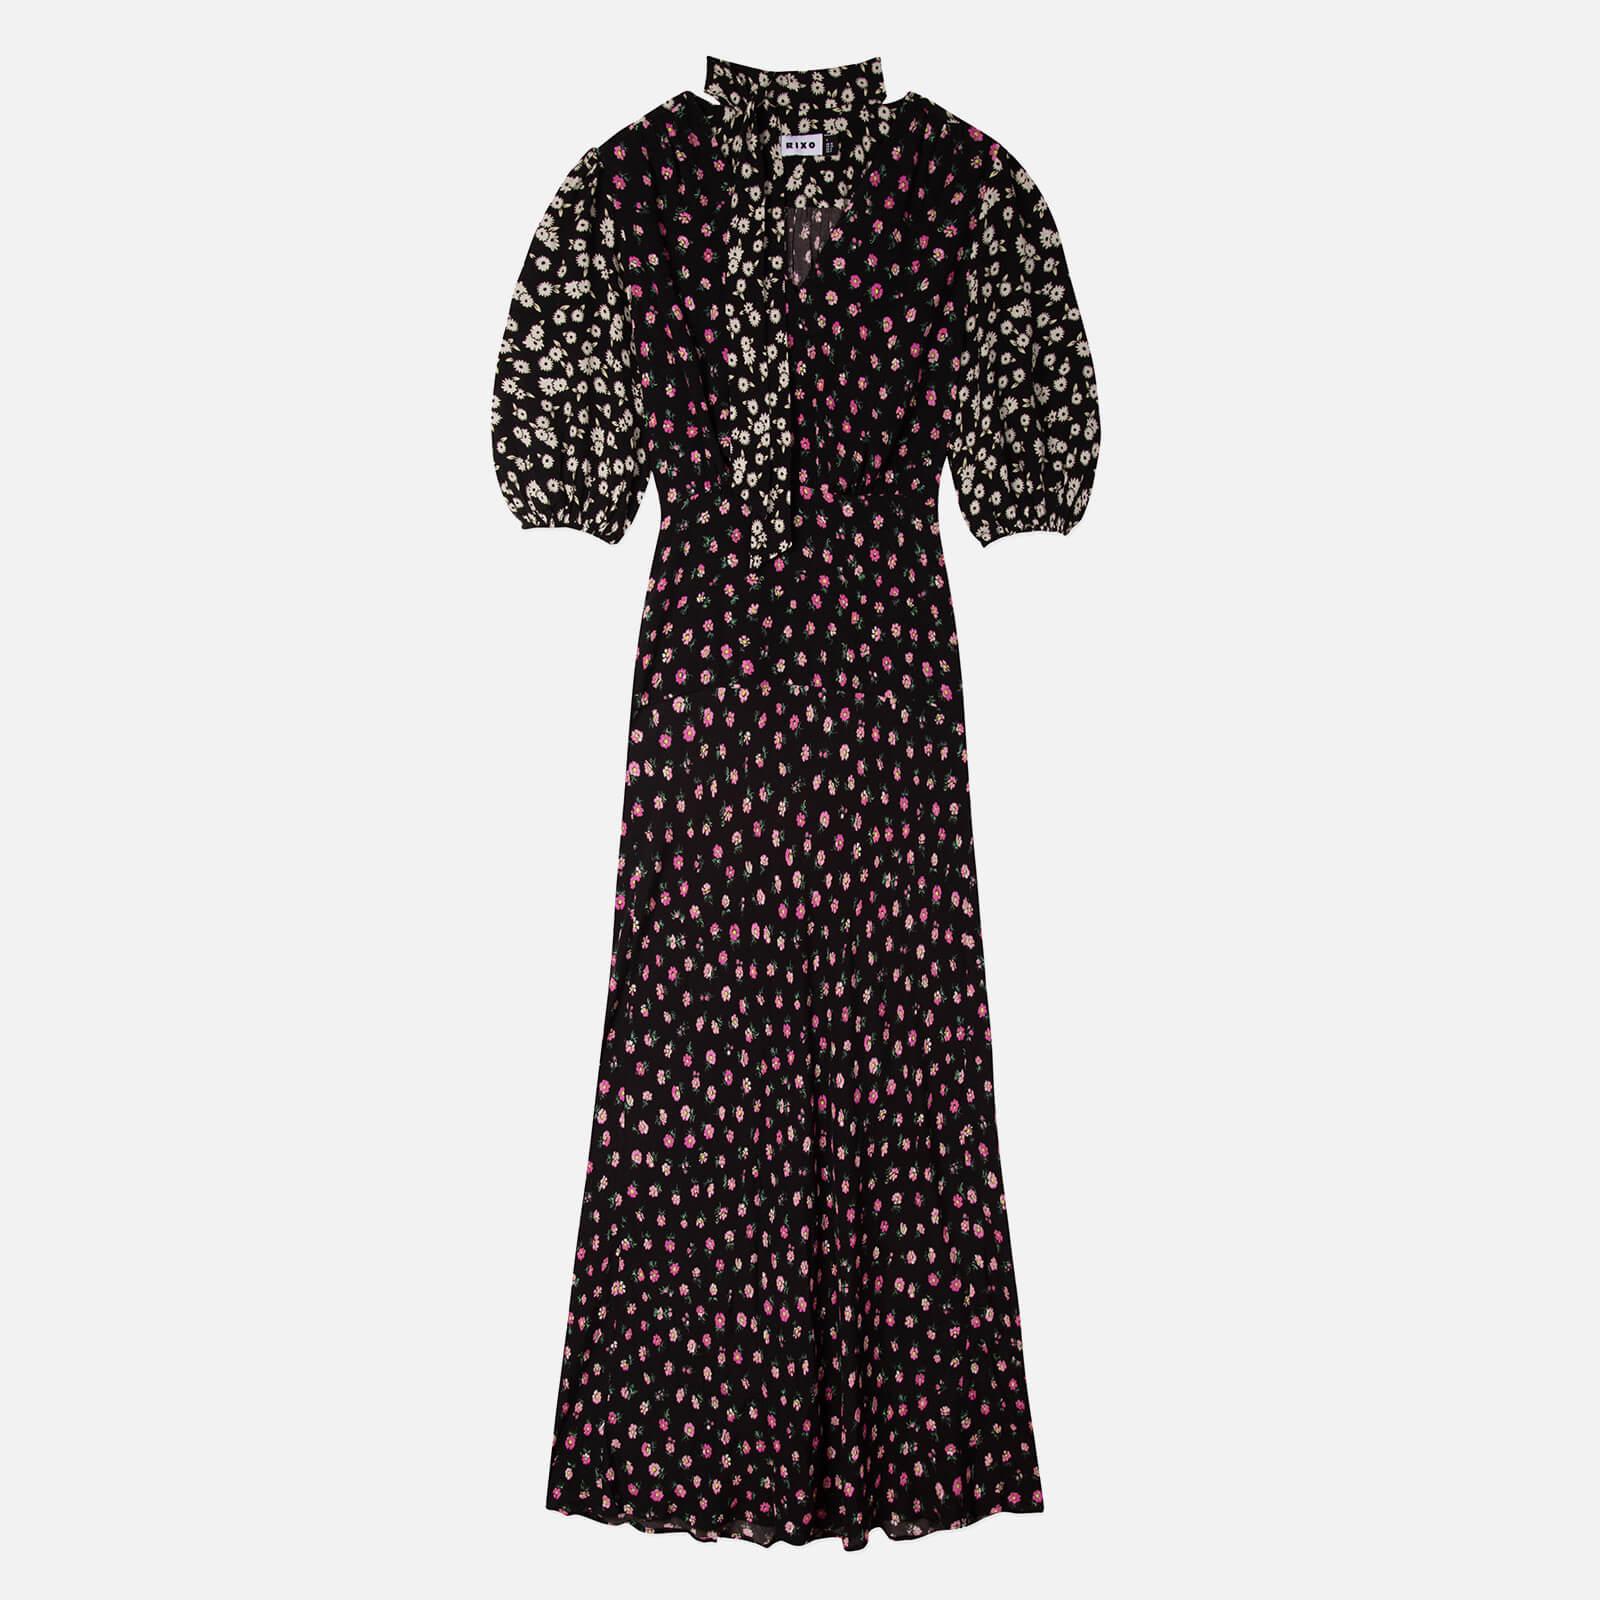 RIXO Women's Annika Dress - Mono Daisy Black Pink Mix - XS